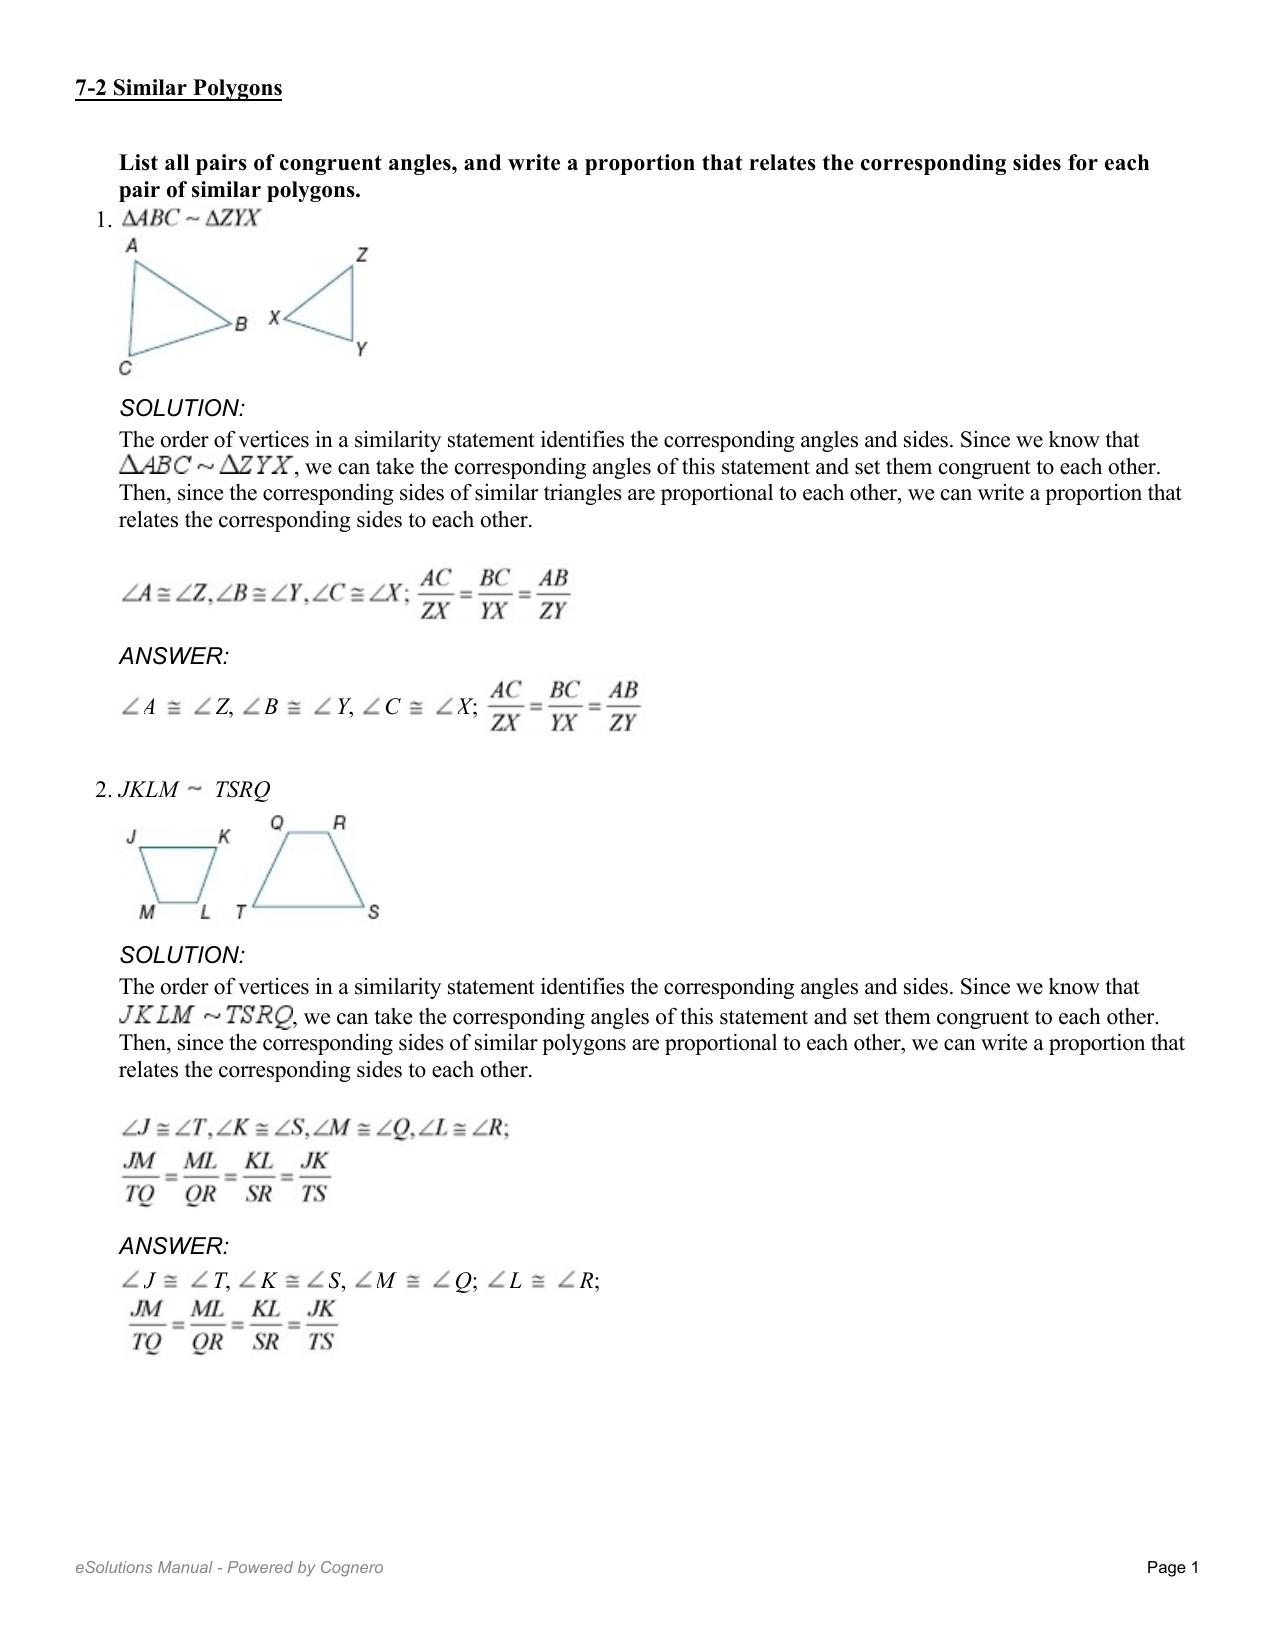 7 2 Similar Polygons Worksheet Kutasoftware Geometry